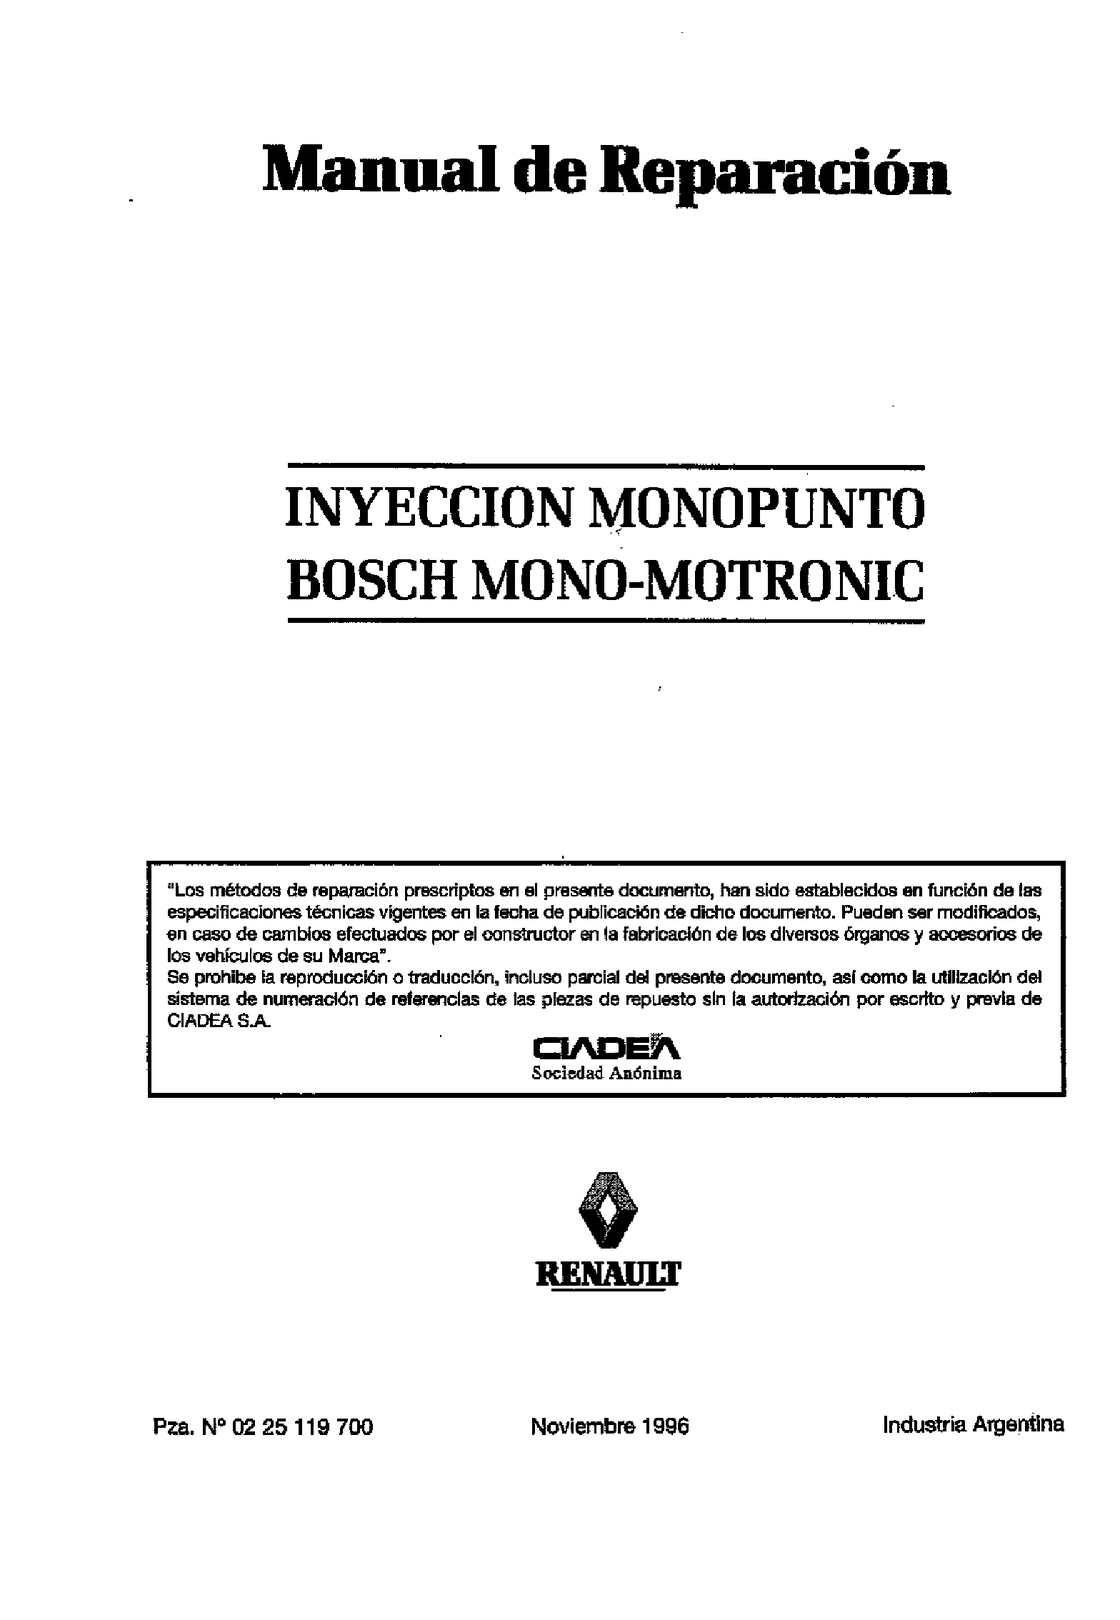 Manual de reparación (inyección monopunto bosch)